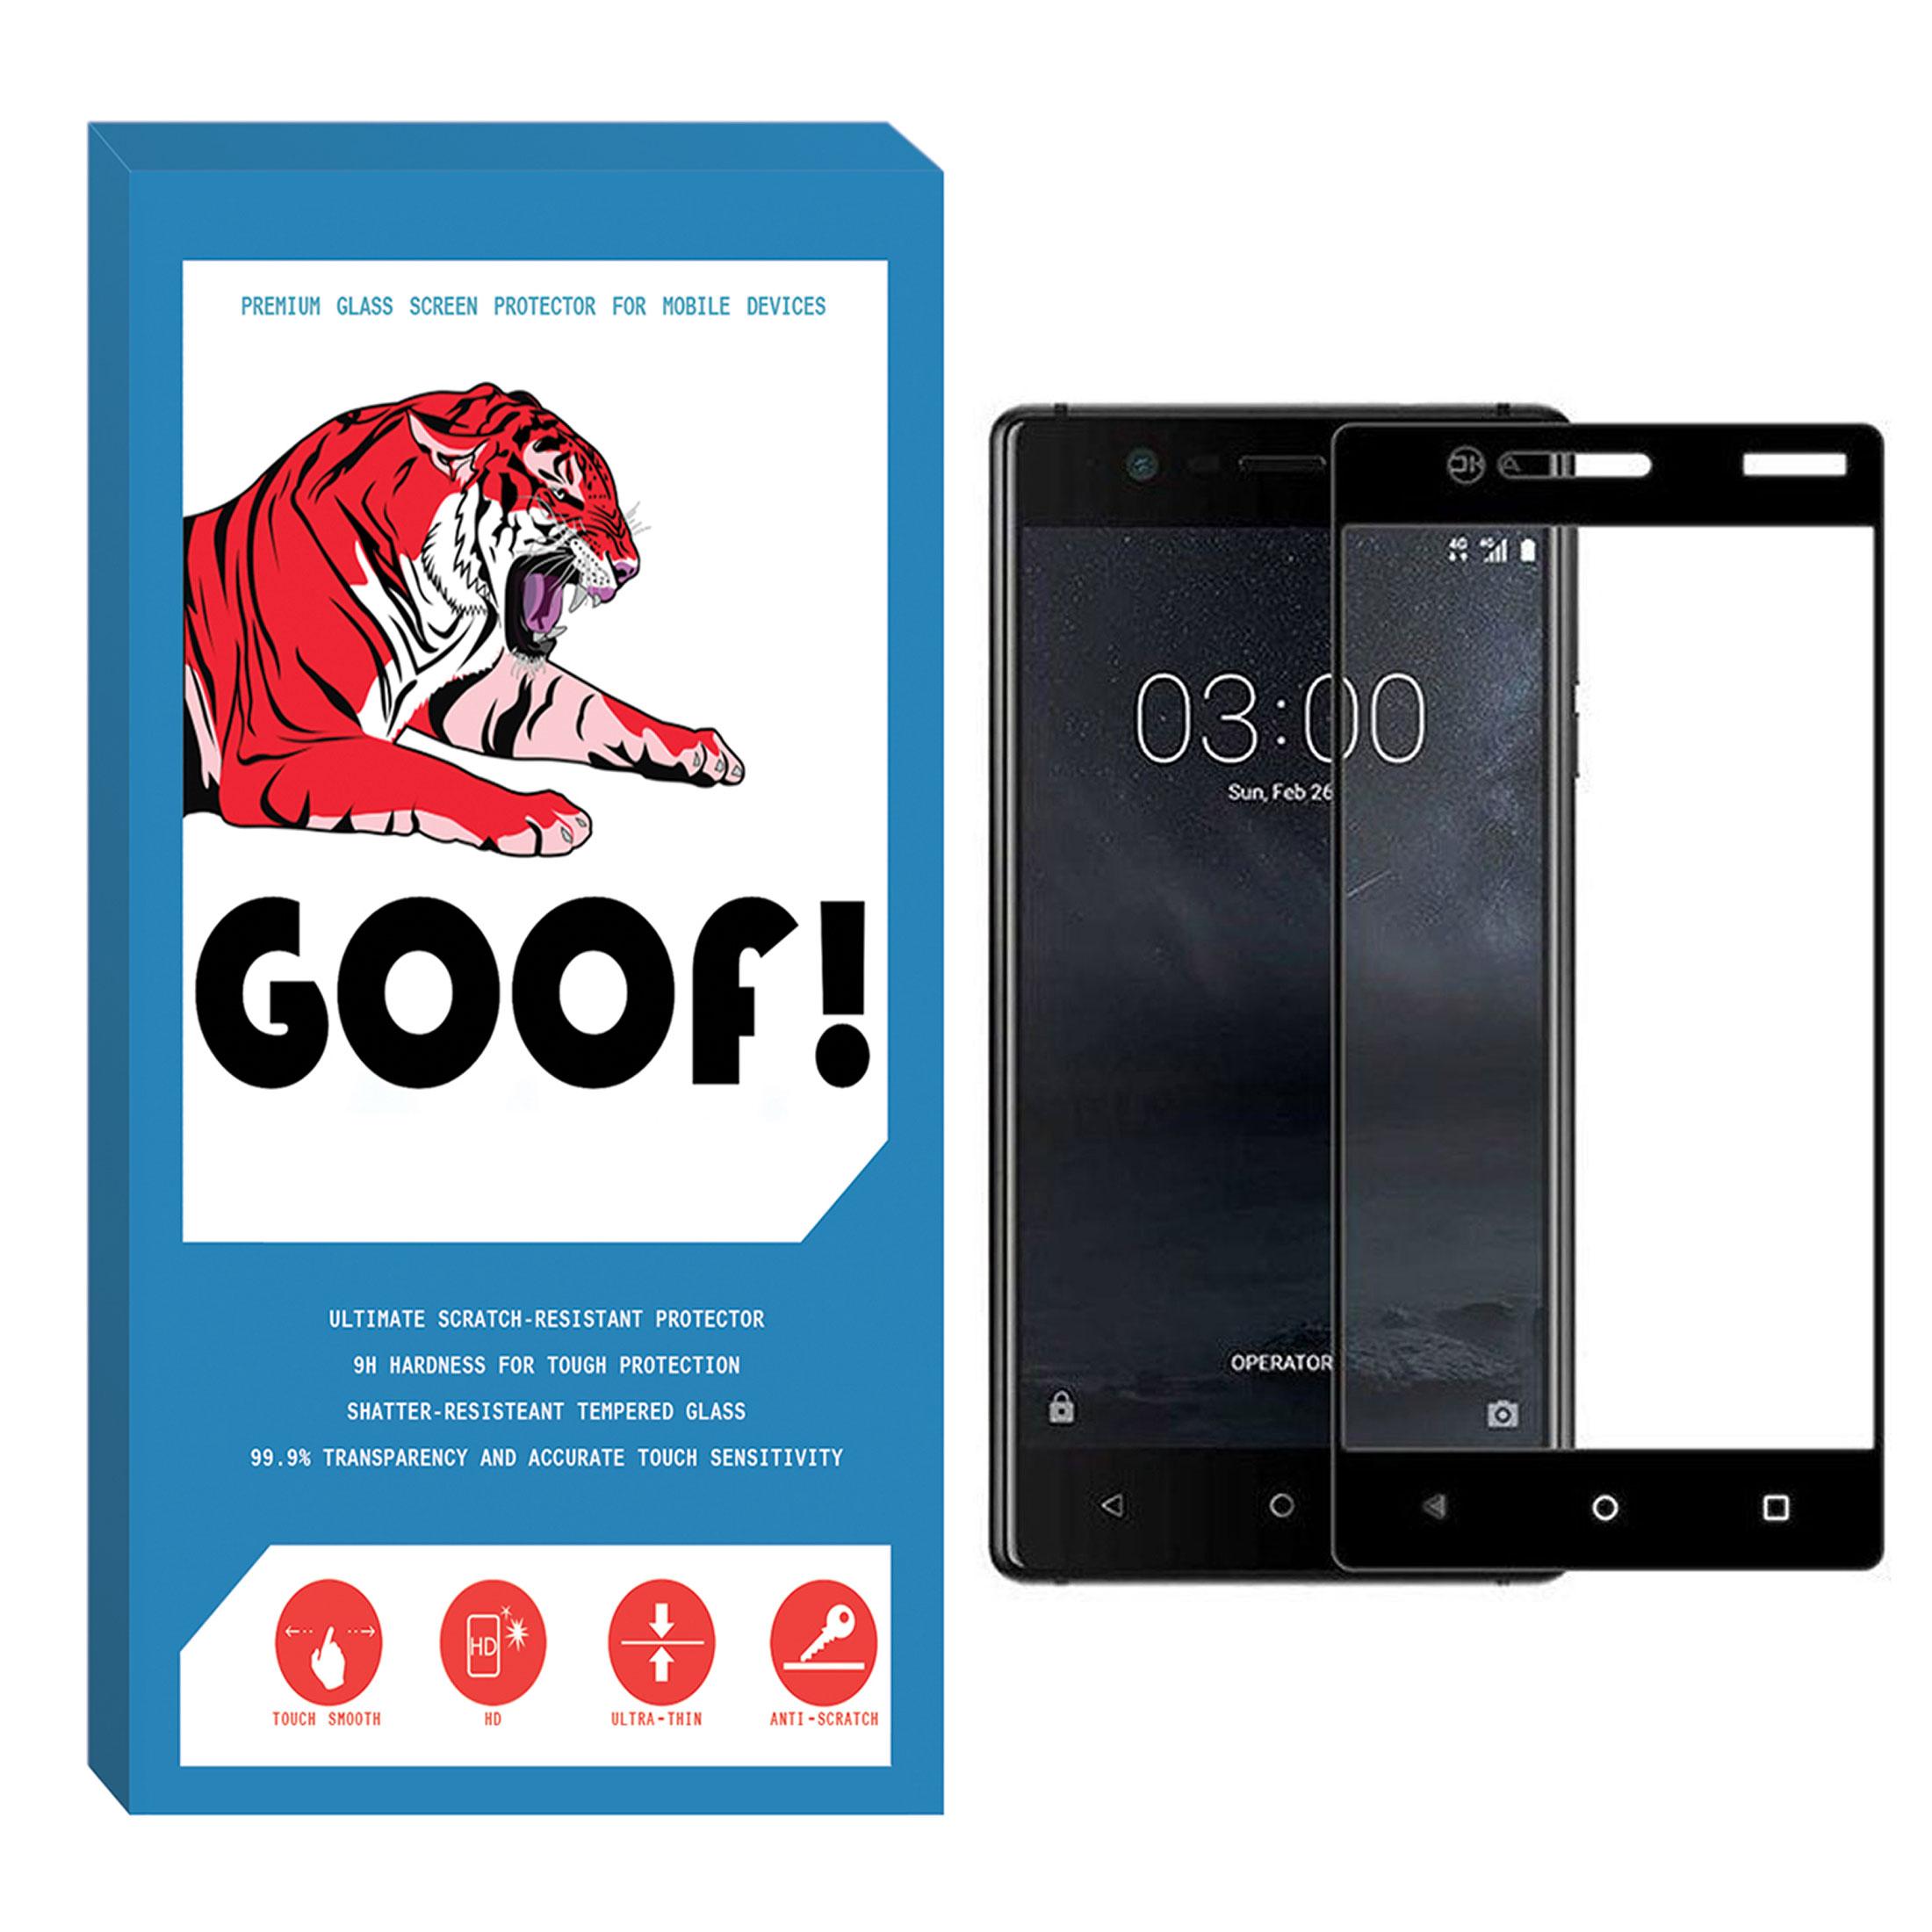 مجافظ صفحه نمایش گوف مدل FUG-02 مناسب برای گوشی موبایل نوکیا 3